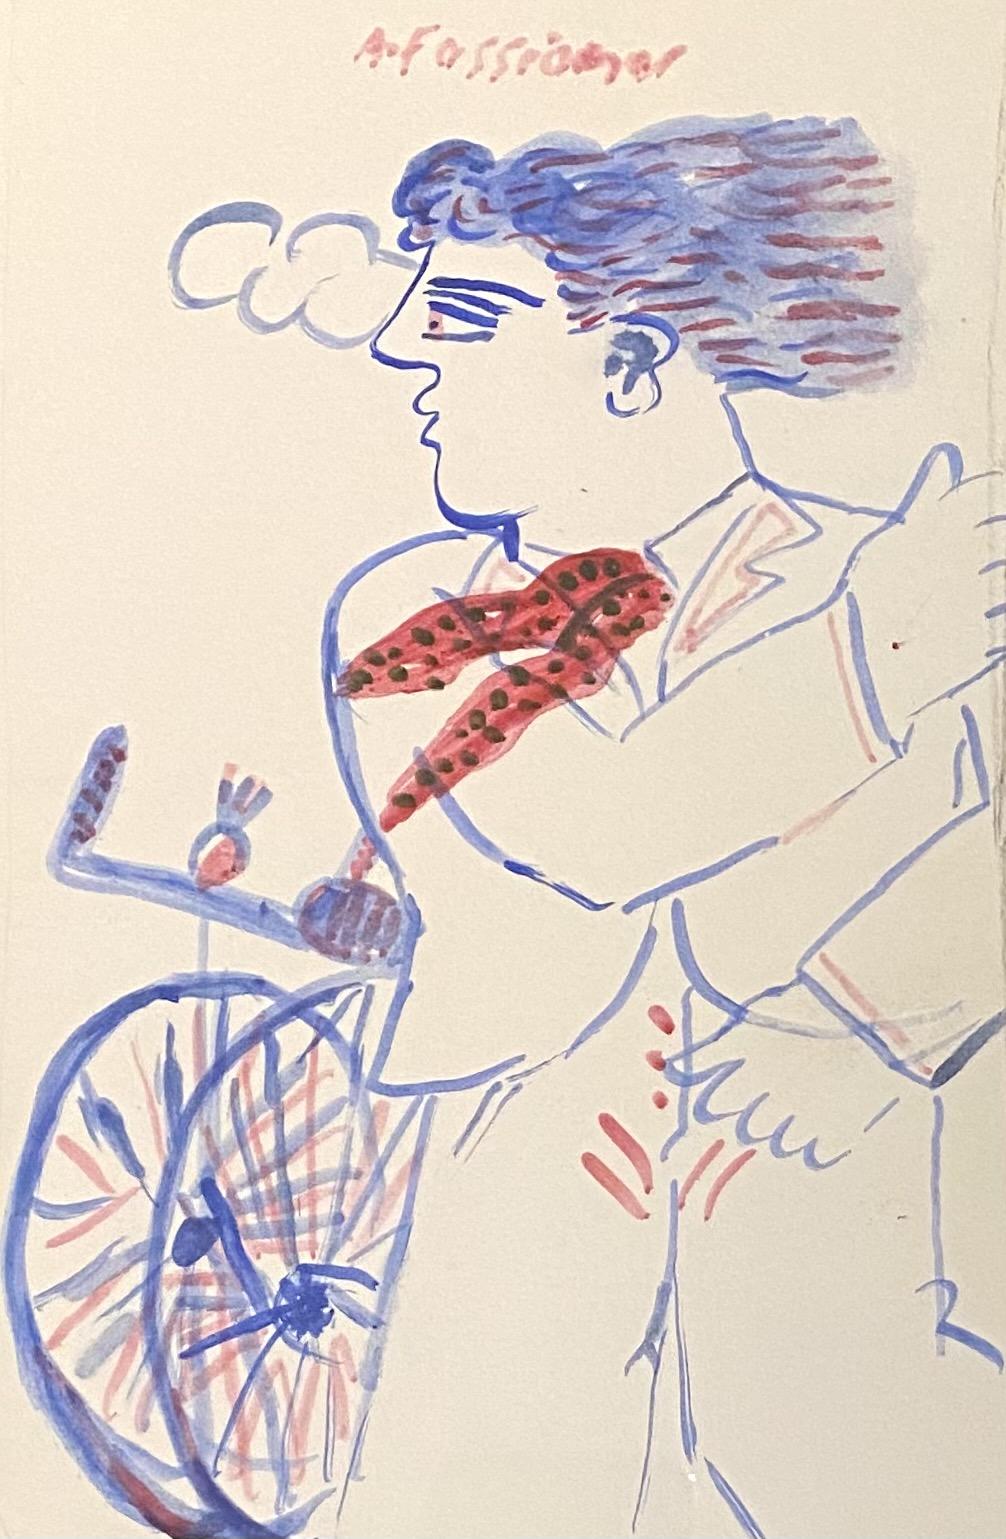 Alekos Fassianos (Greek, born 1935) (AR), Cyclist with Scarf, Mixed media on paper, 23 x 15 cm.